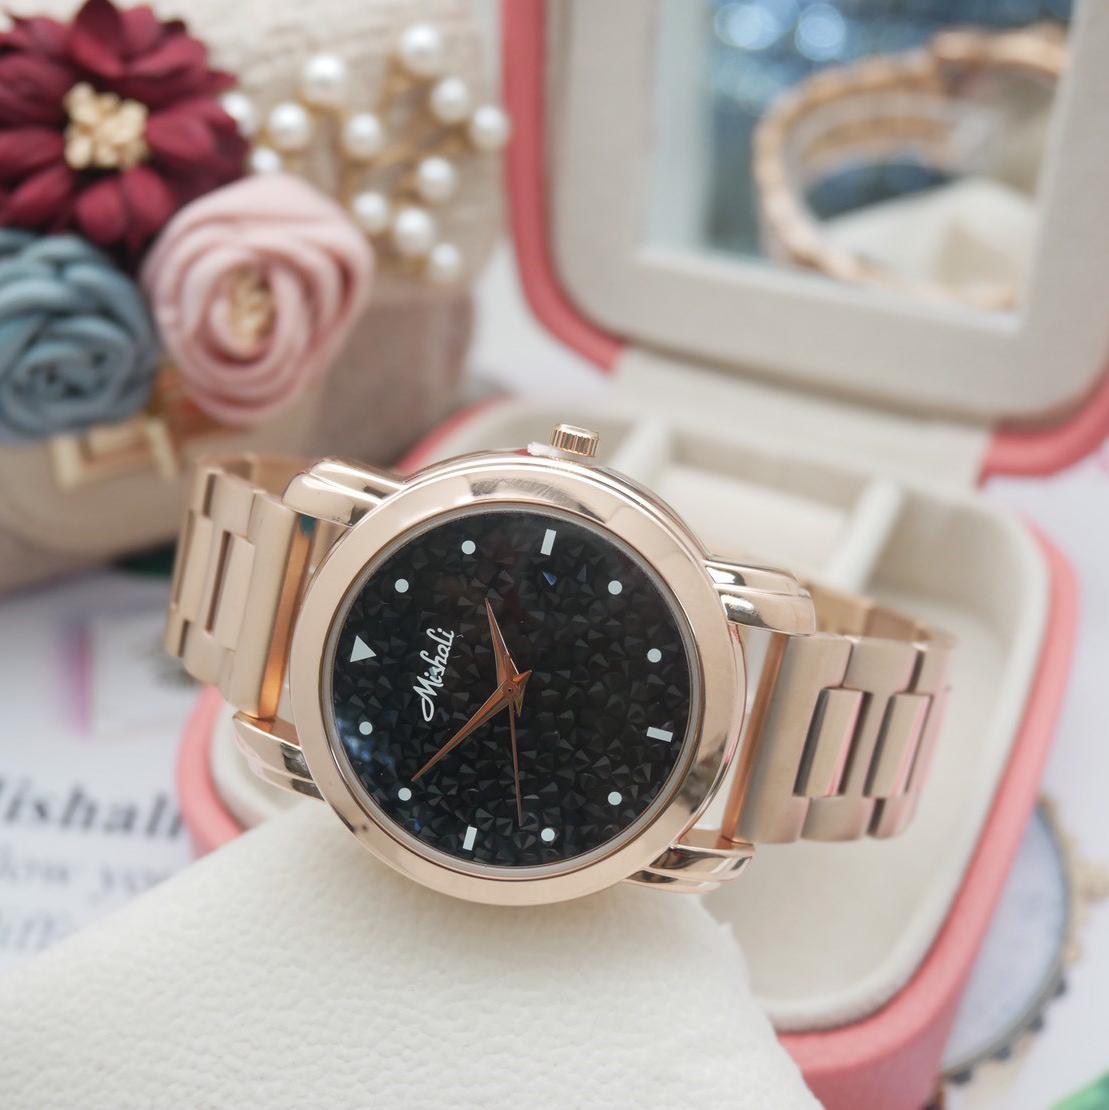 นาฬิกาข้อมือผู้หญิง MISHALI M12961 C